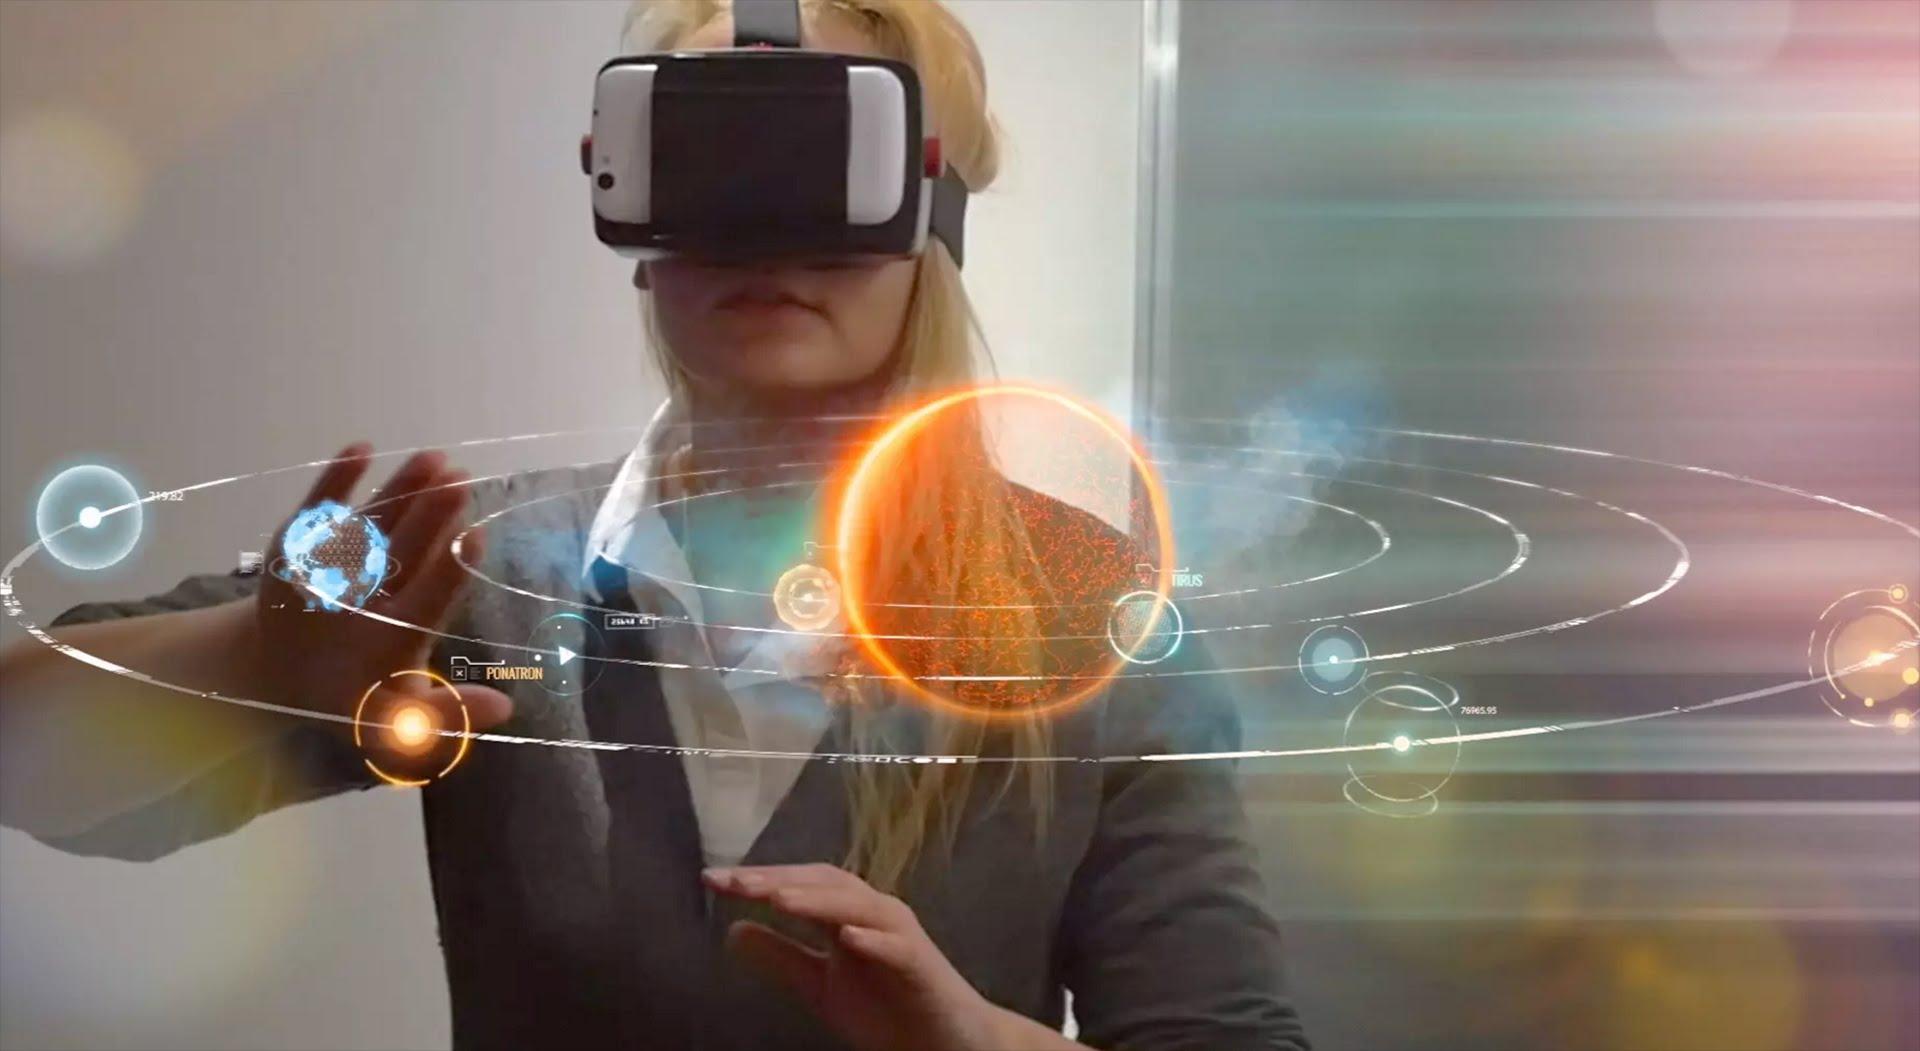 O futuro com VR e AR: o que esperar dessas tecnologias?